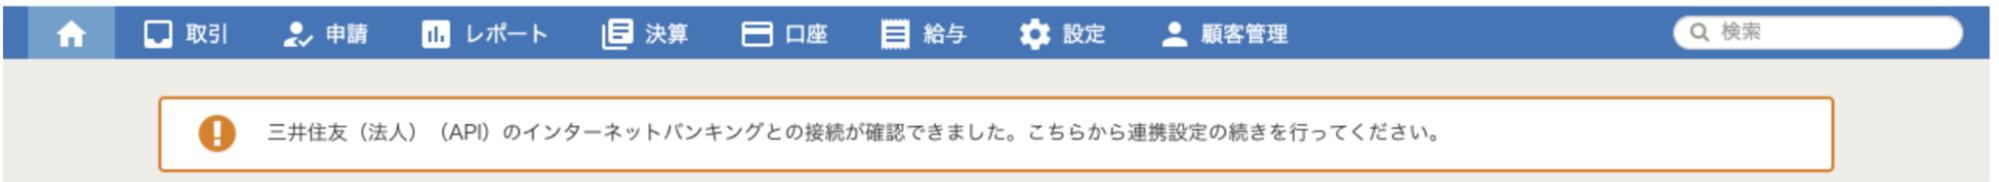 ホーム画面上部に表示されるオレンジ色のメッセージバーのスクリーンショット